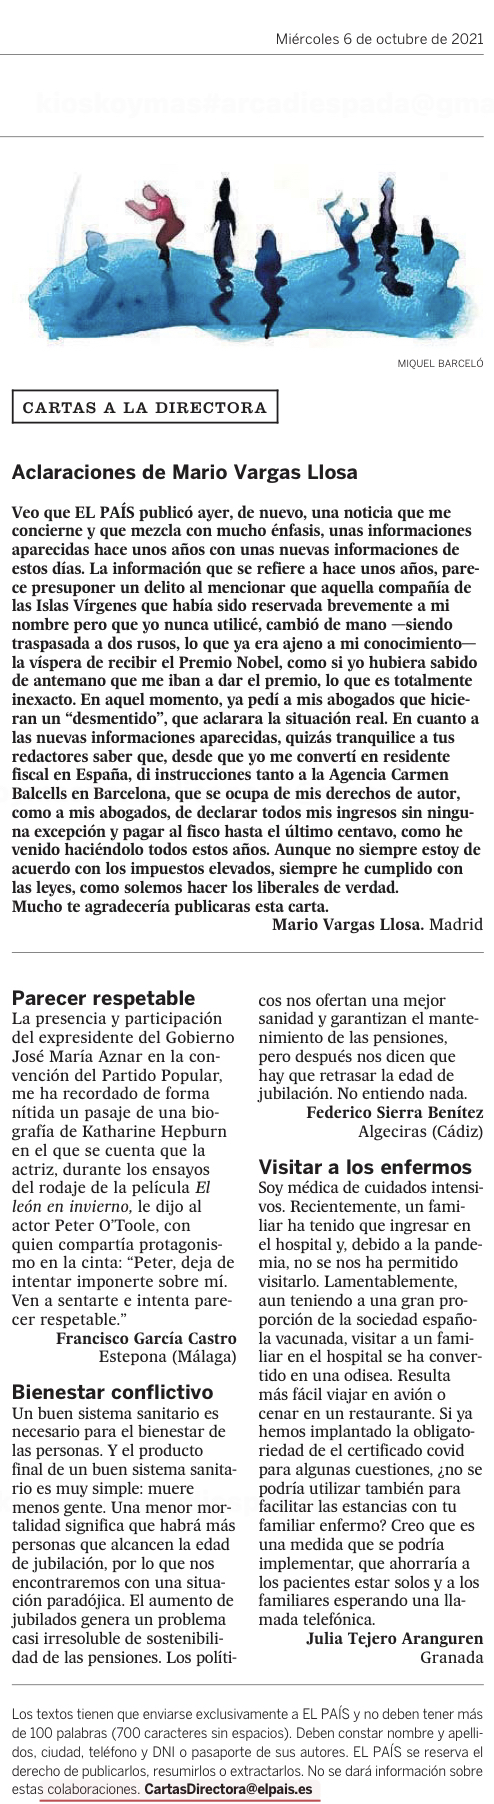 Carta que firma Vargas Llosa